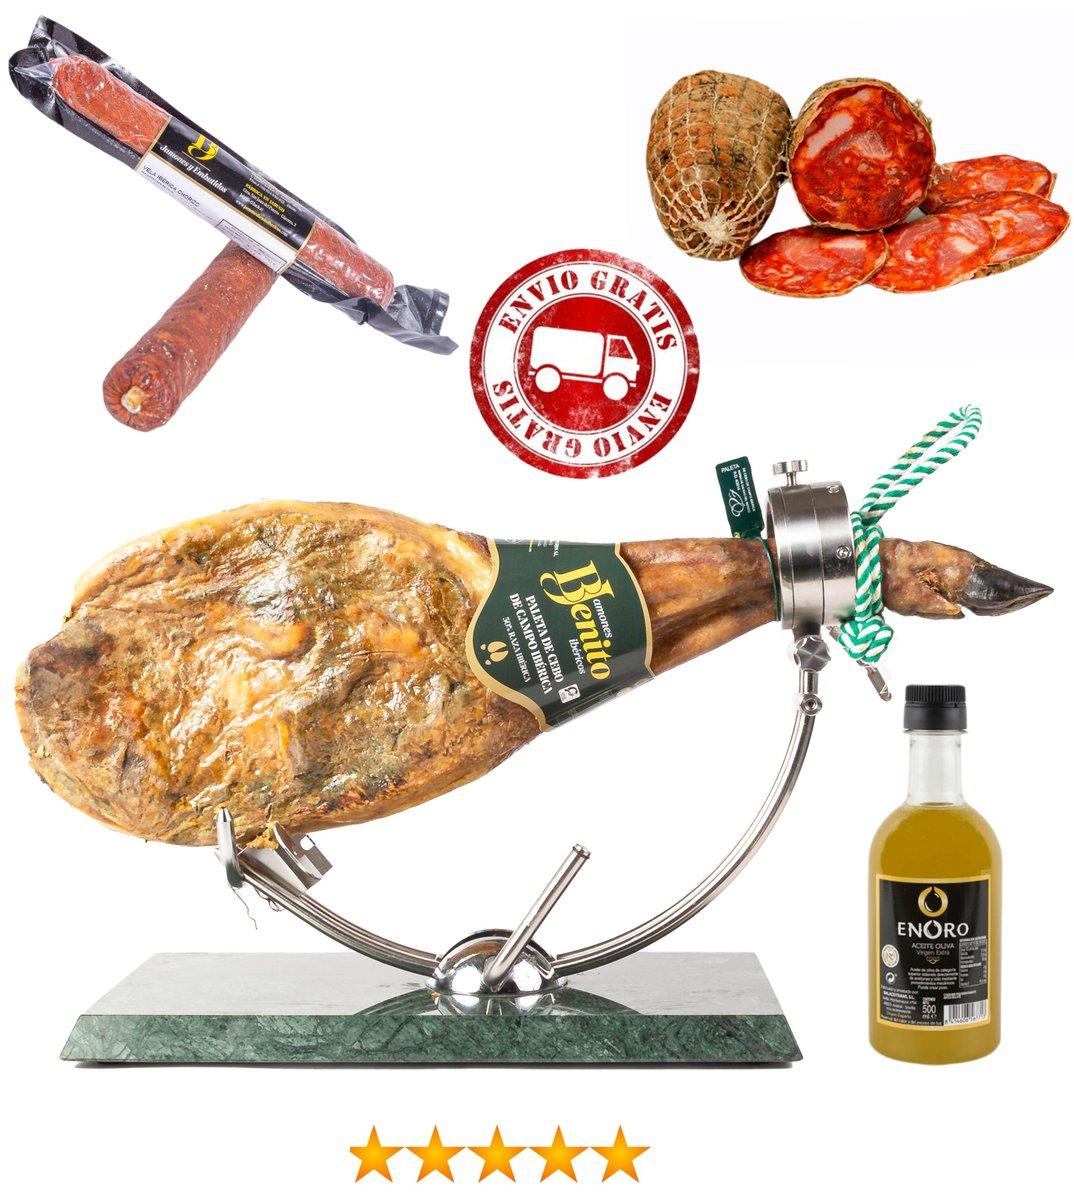 Paleta cebo de campo brida verde 4,5-5kg + chorizo bellota vela + salchichón bellota vela + medio morcón + botella aceite 500ml